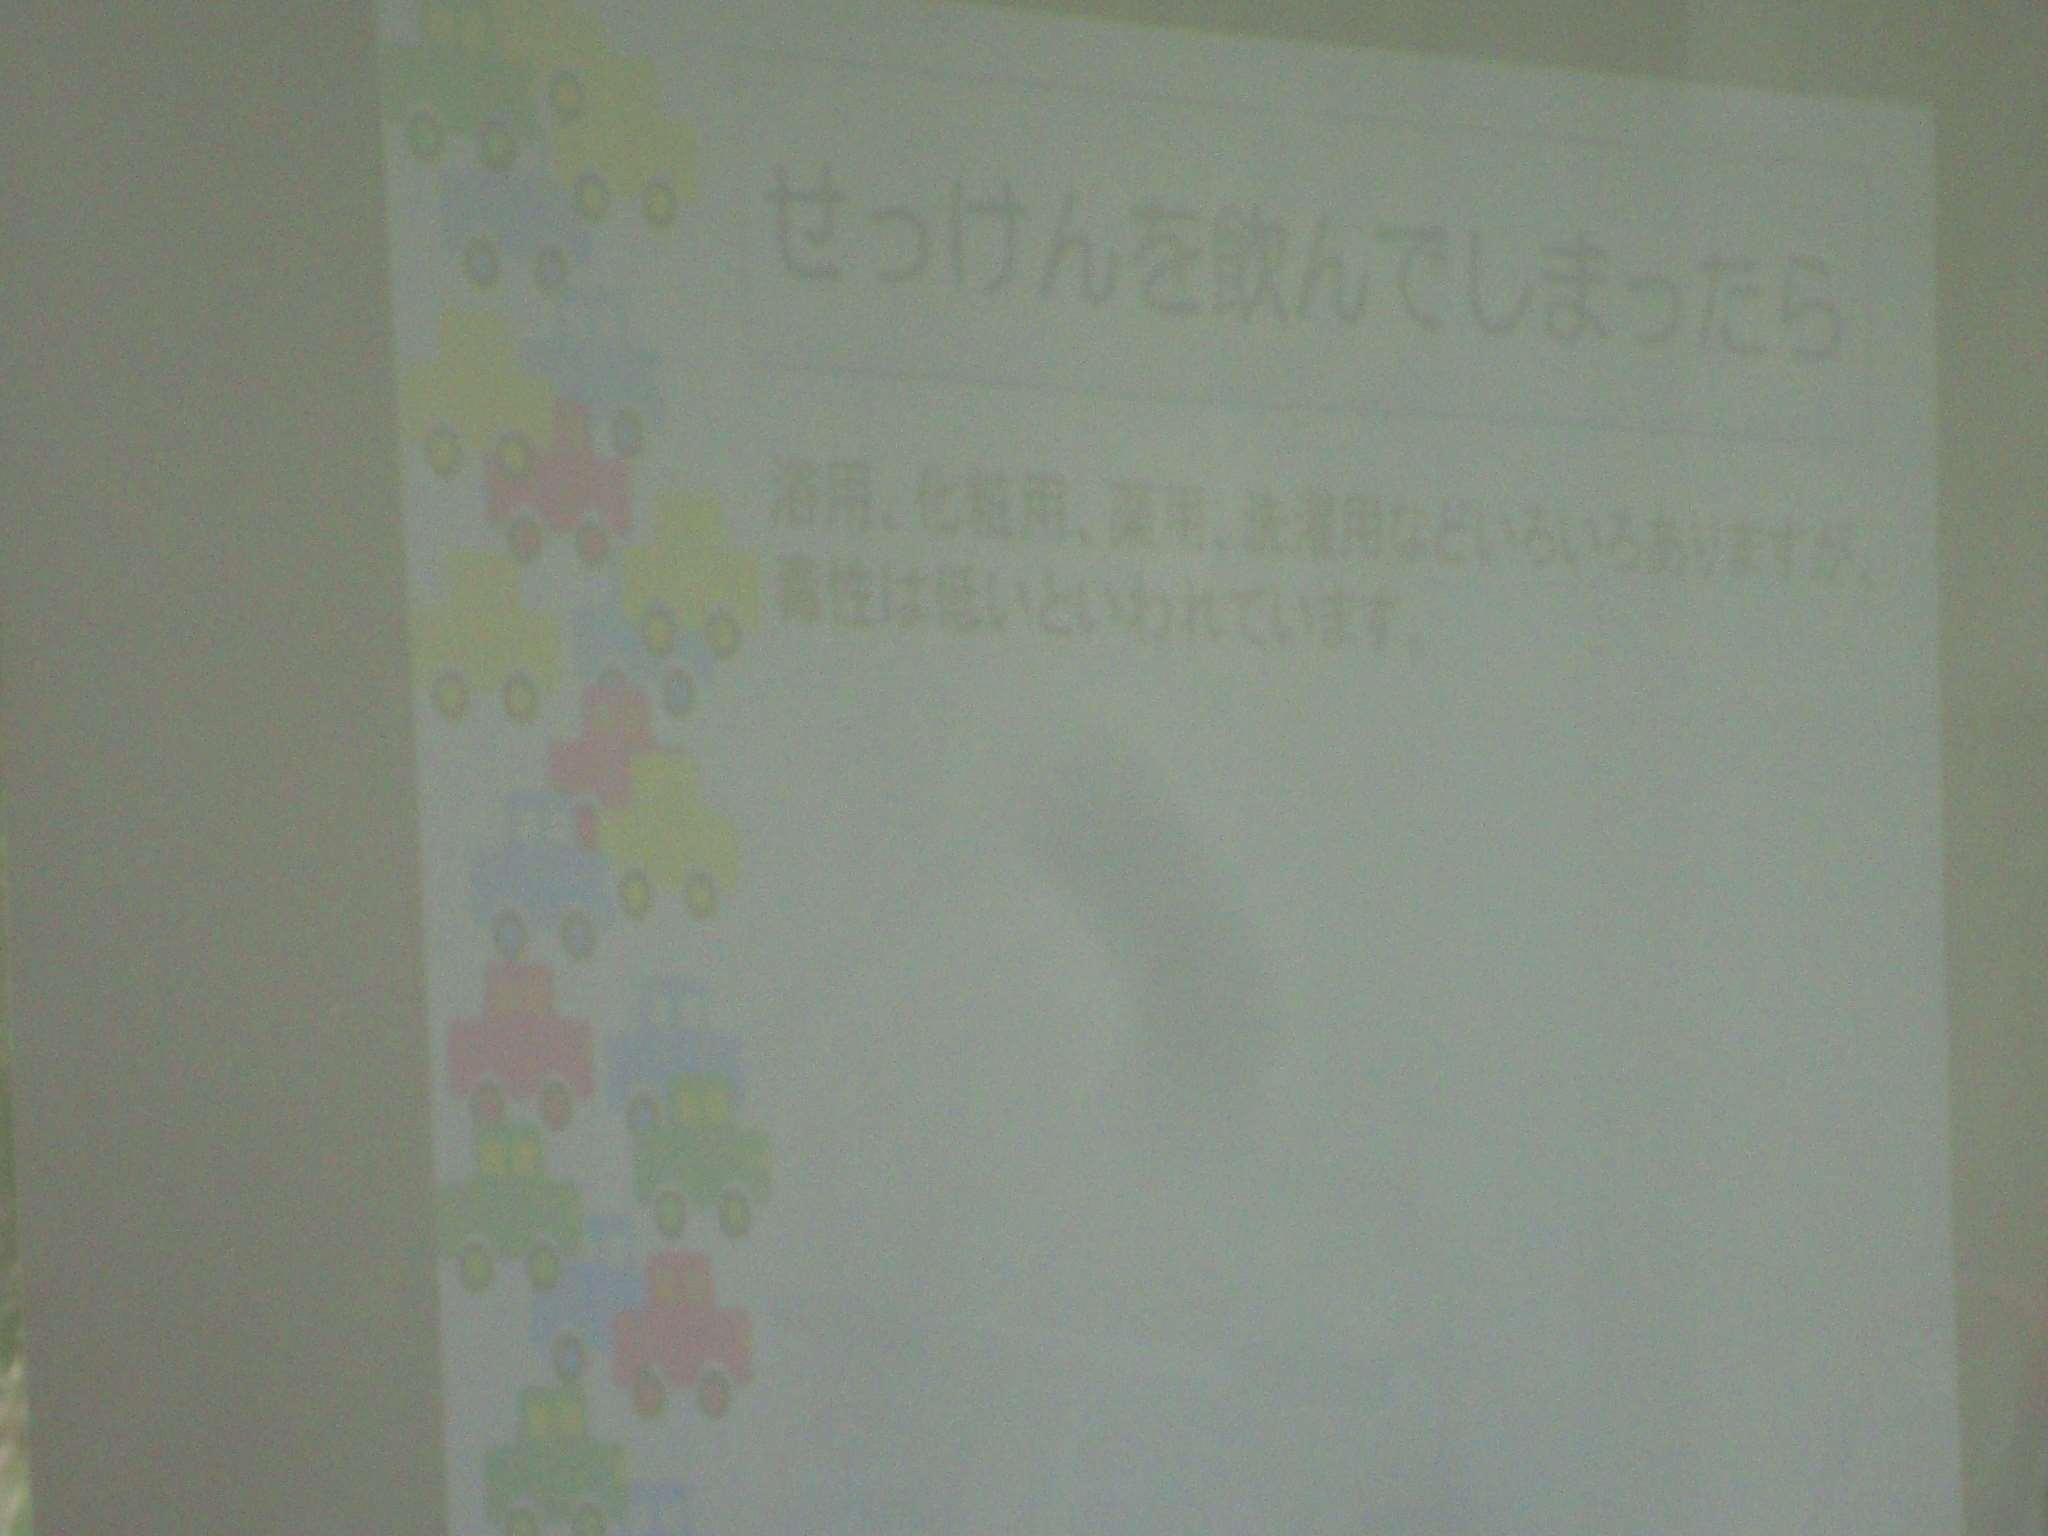 救急法(ケガ対応) 003_R